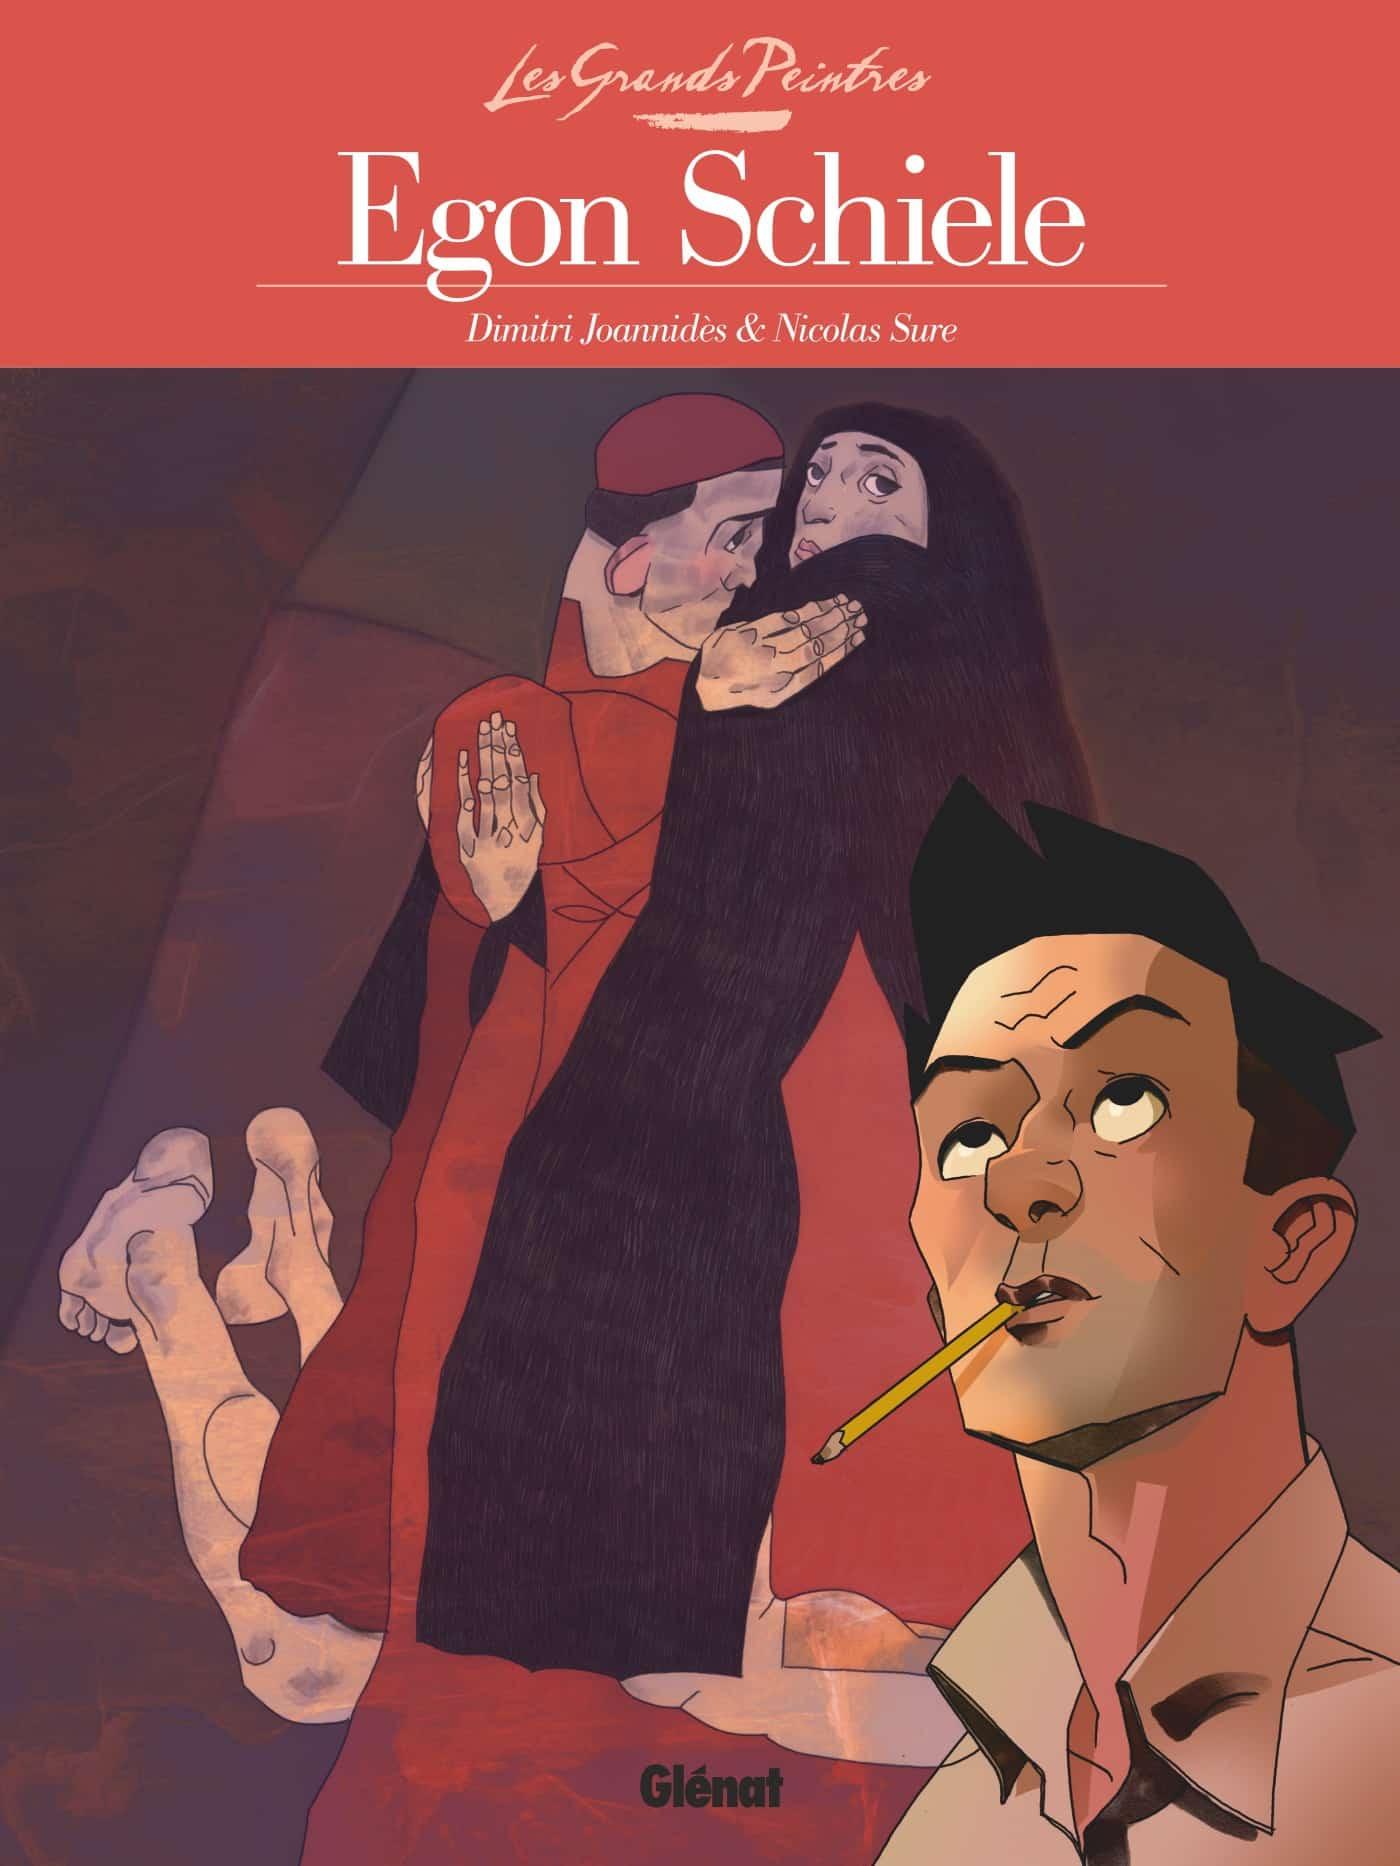 Egon Schiele, scandaleusement génial